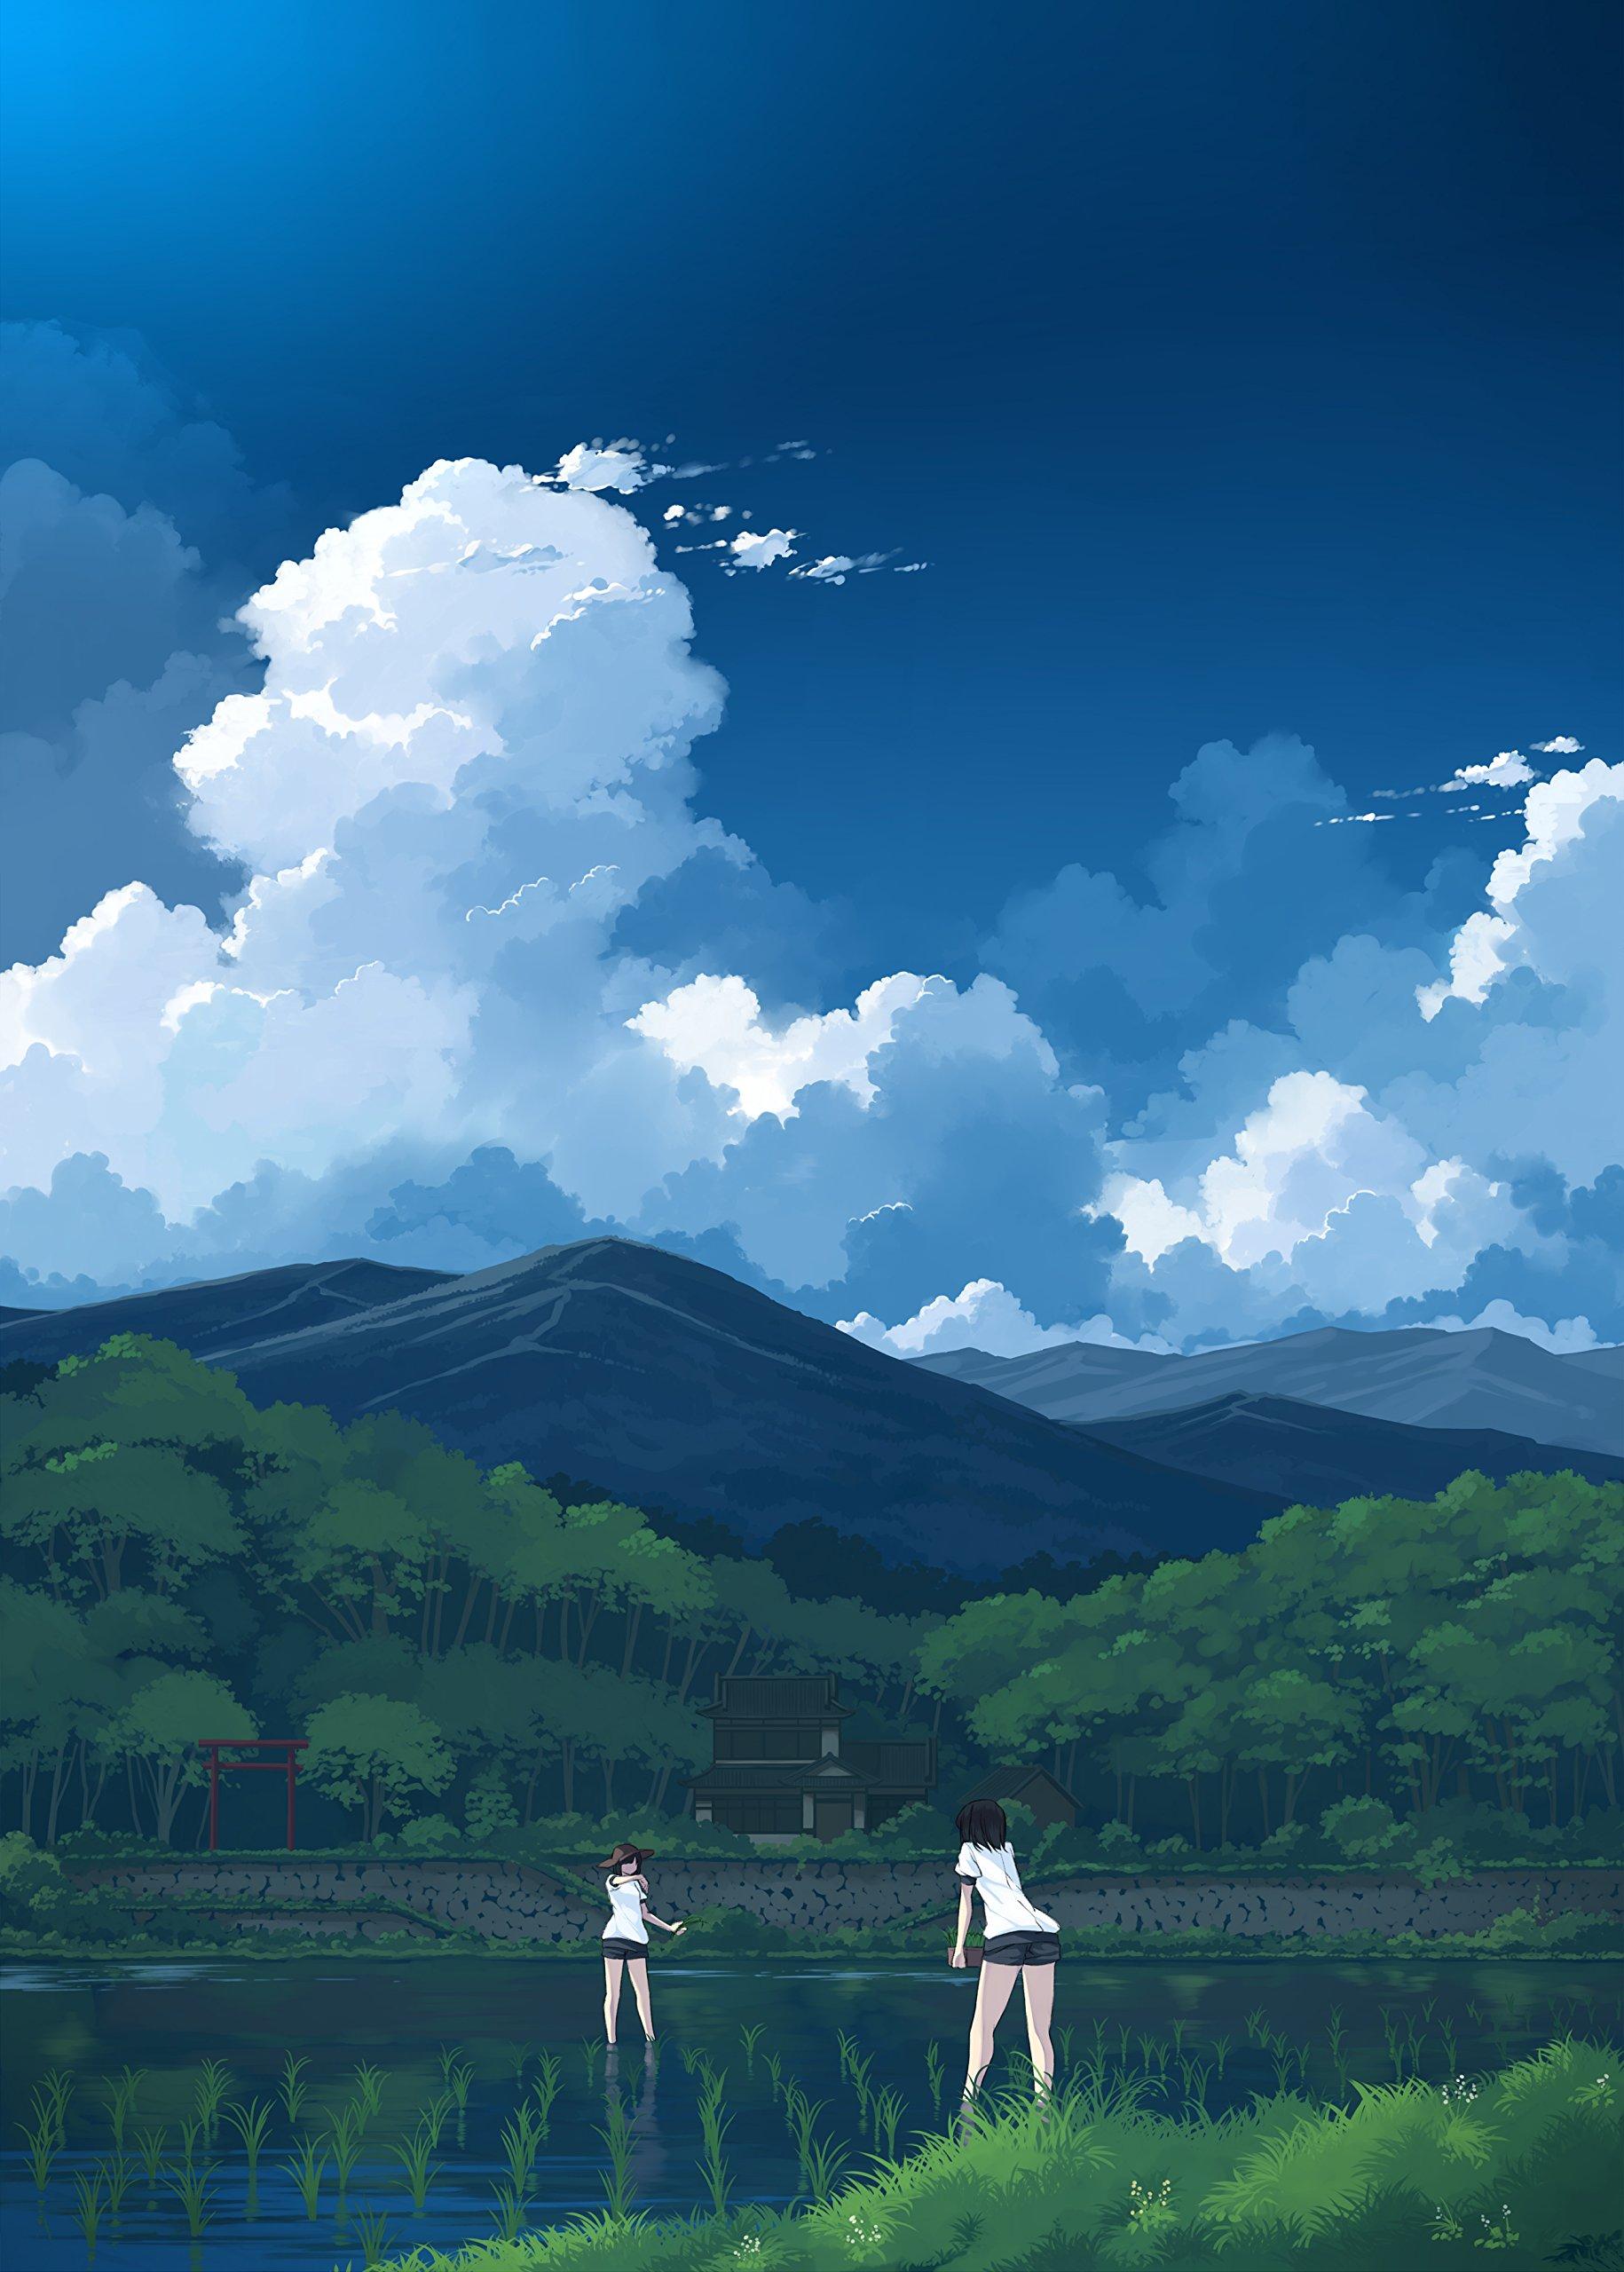 Saiphotoshopで描く 背景イラストテクニック 人物のいる魅力的な風景を